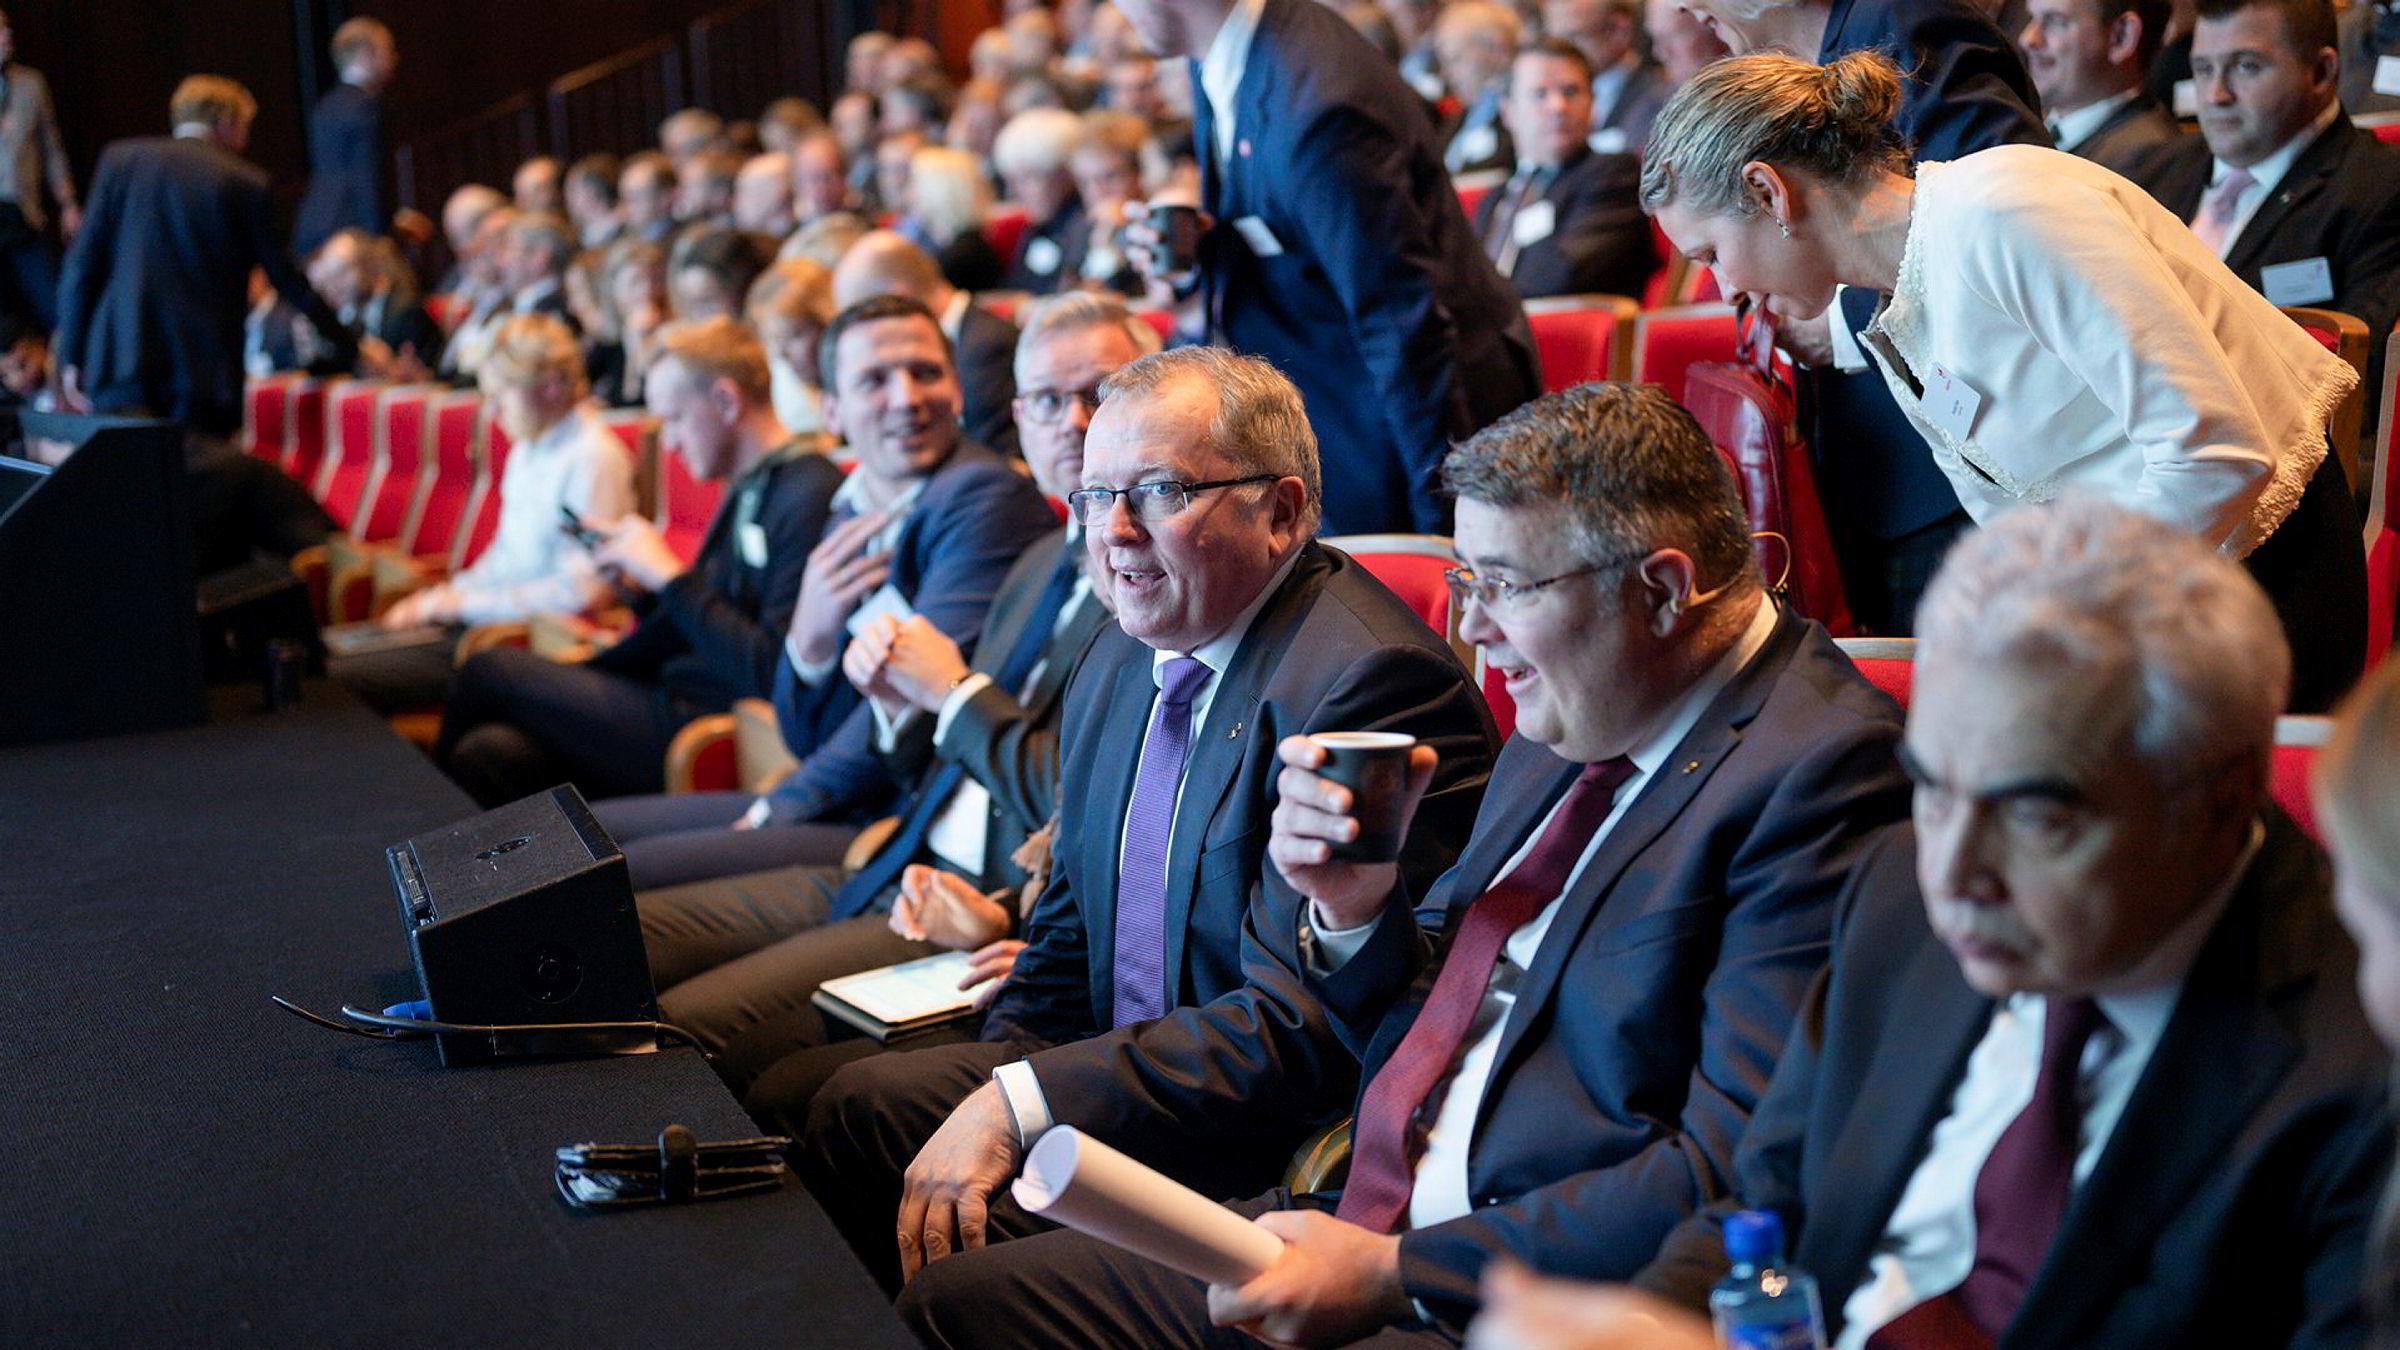 Equinor-sjef Eldar Sætre, olje- og energiminister Kjell-Børge Freiberg og sjef for IEA, Fatih Birol, i delvis lystig stemning på oljeselskapets høstkonferanse.